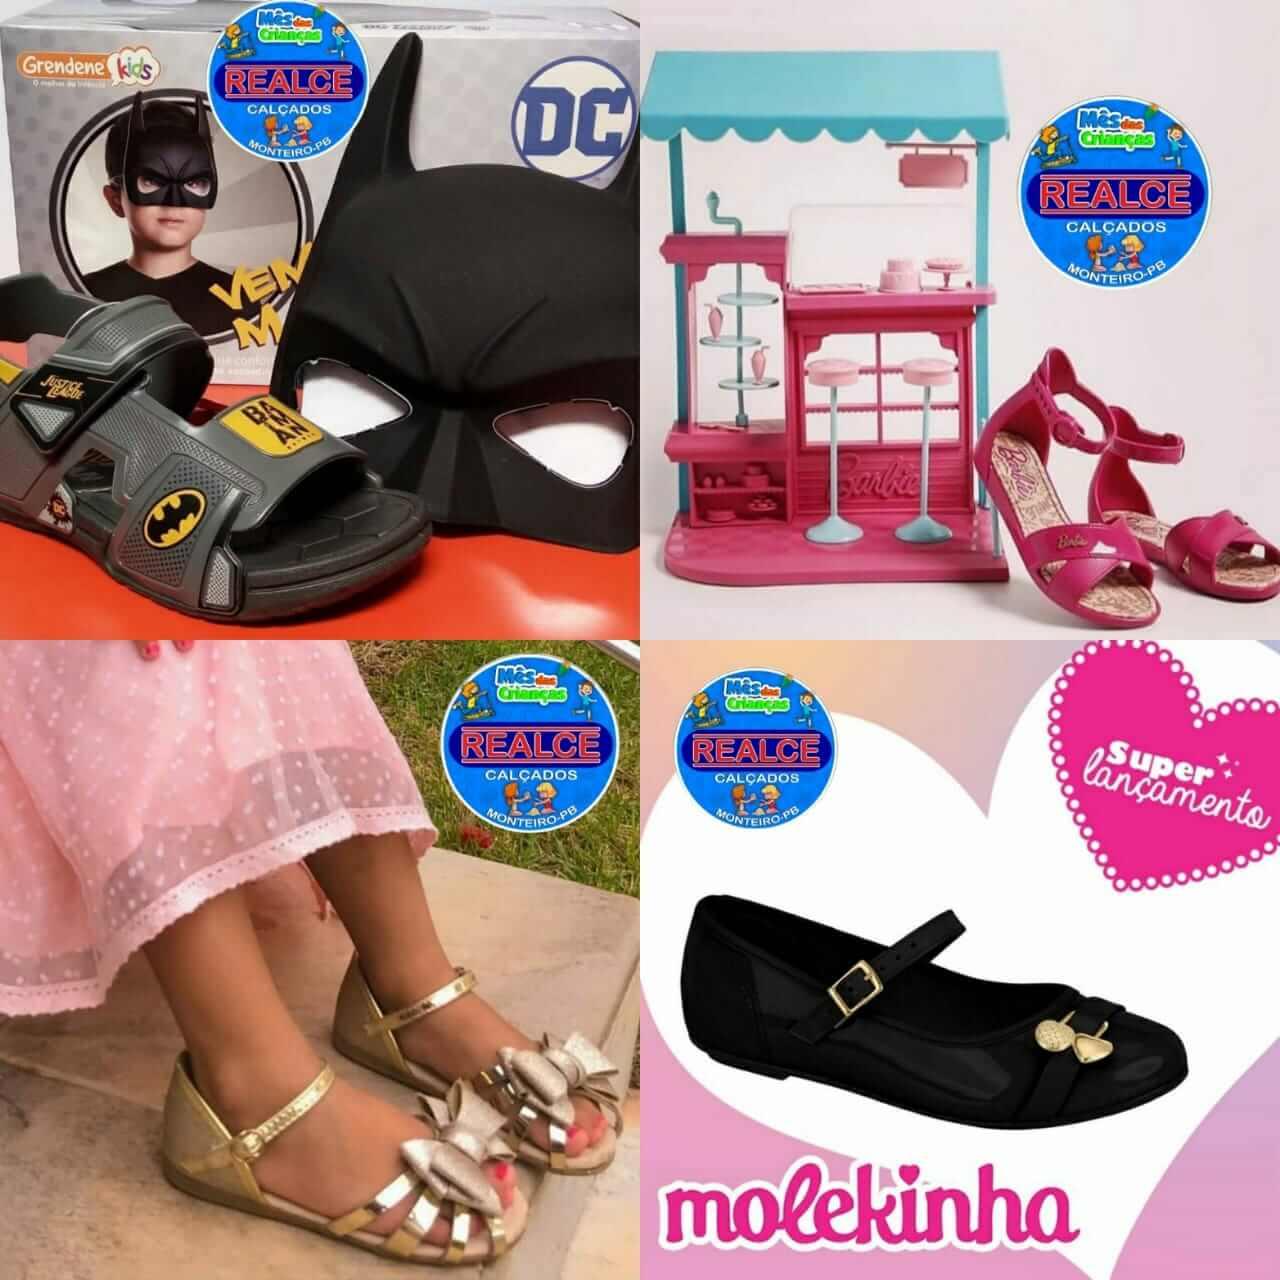 51b05681-a2fa-48e6-9f6a-7f1f6e3060fb-1024x1024 OFERTAS: Dia das Crianças Realce Calçados Monteiro